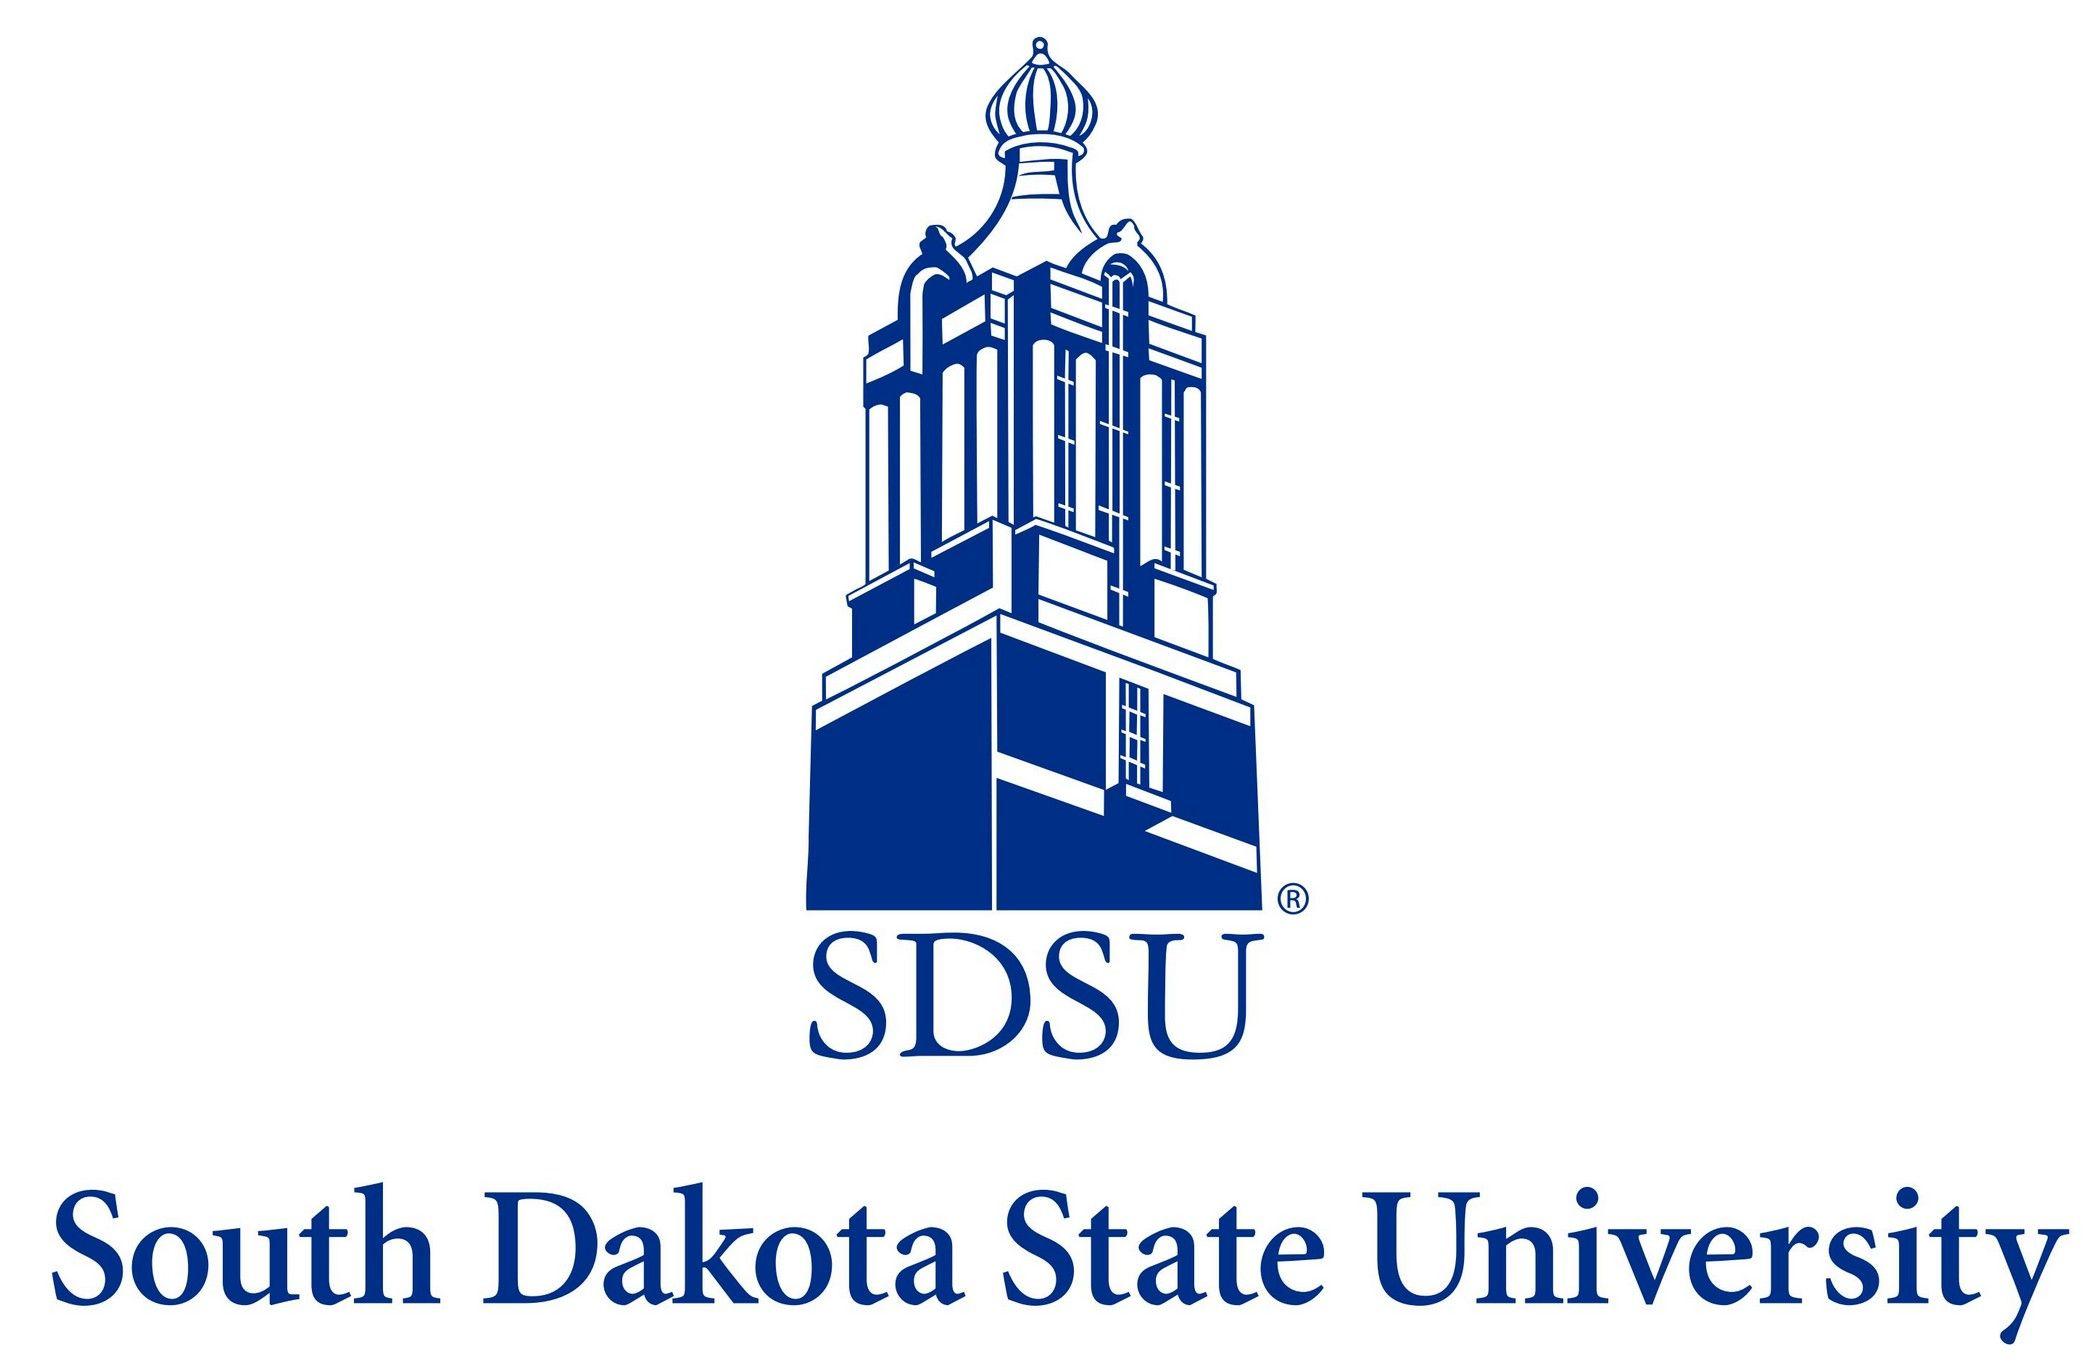 South Dakota State University Logos American American Universities Amerikadaki Universiteler Am South Dakota State South Dakota University Of South Dakota